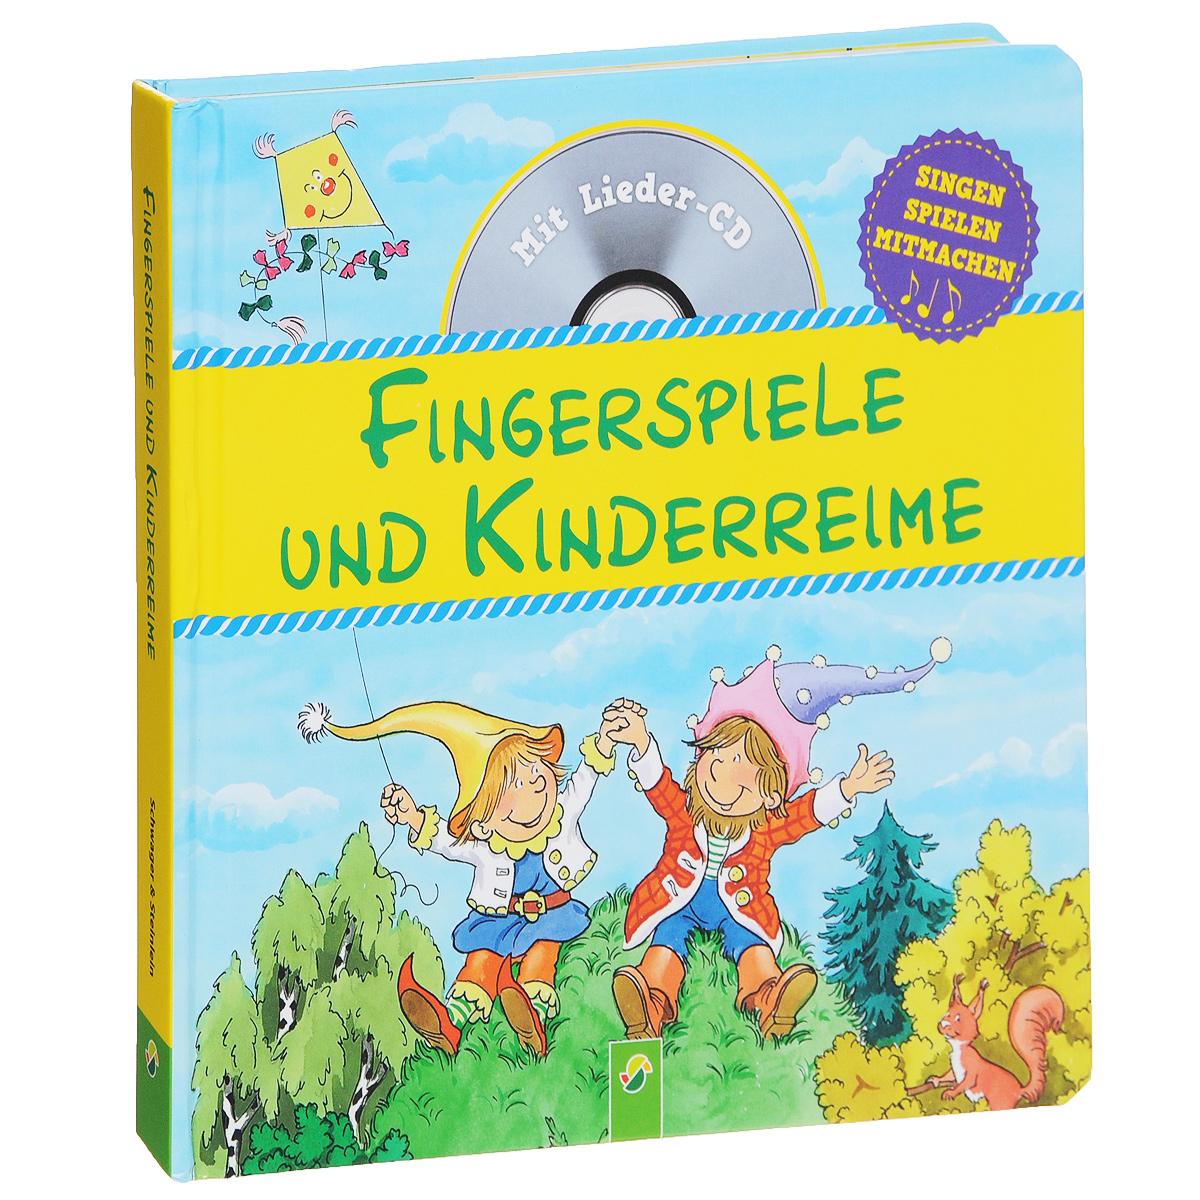 Fingerspiele und Kinderreime (+ CD) сергей куковякин und наталья куковякина